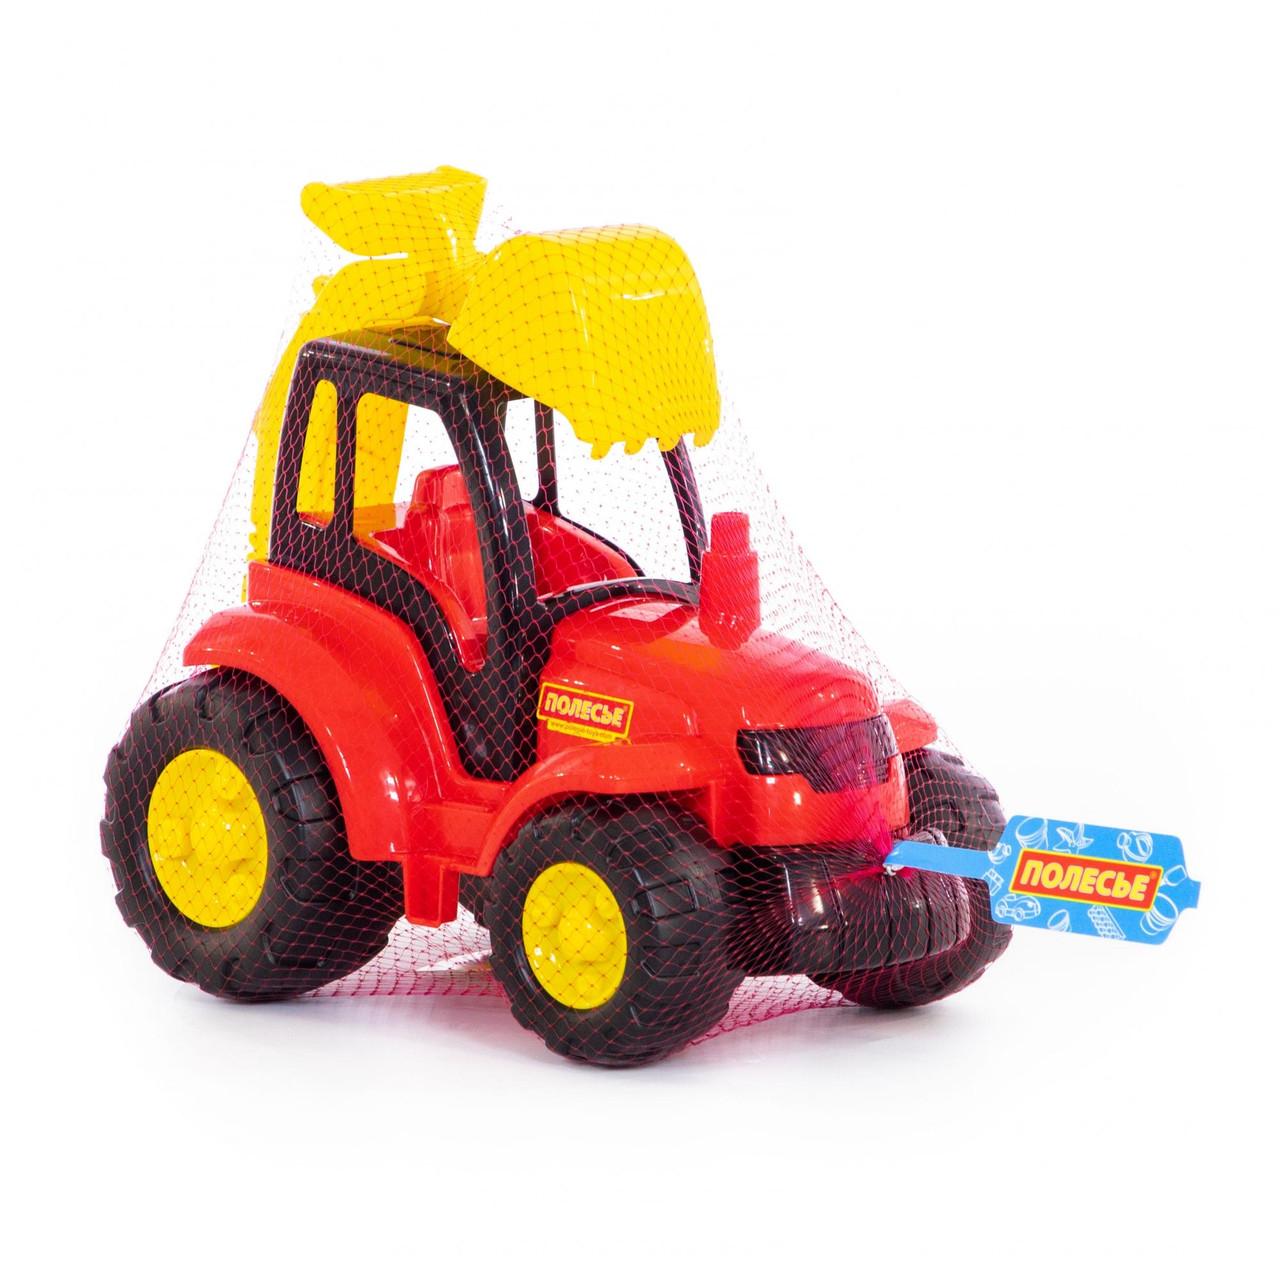 Игрушка трактор Чемпион с лопатой, Полесье - фото 2